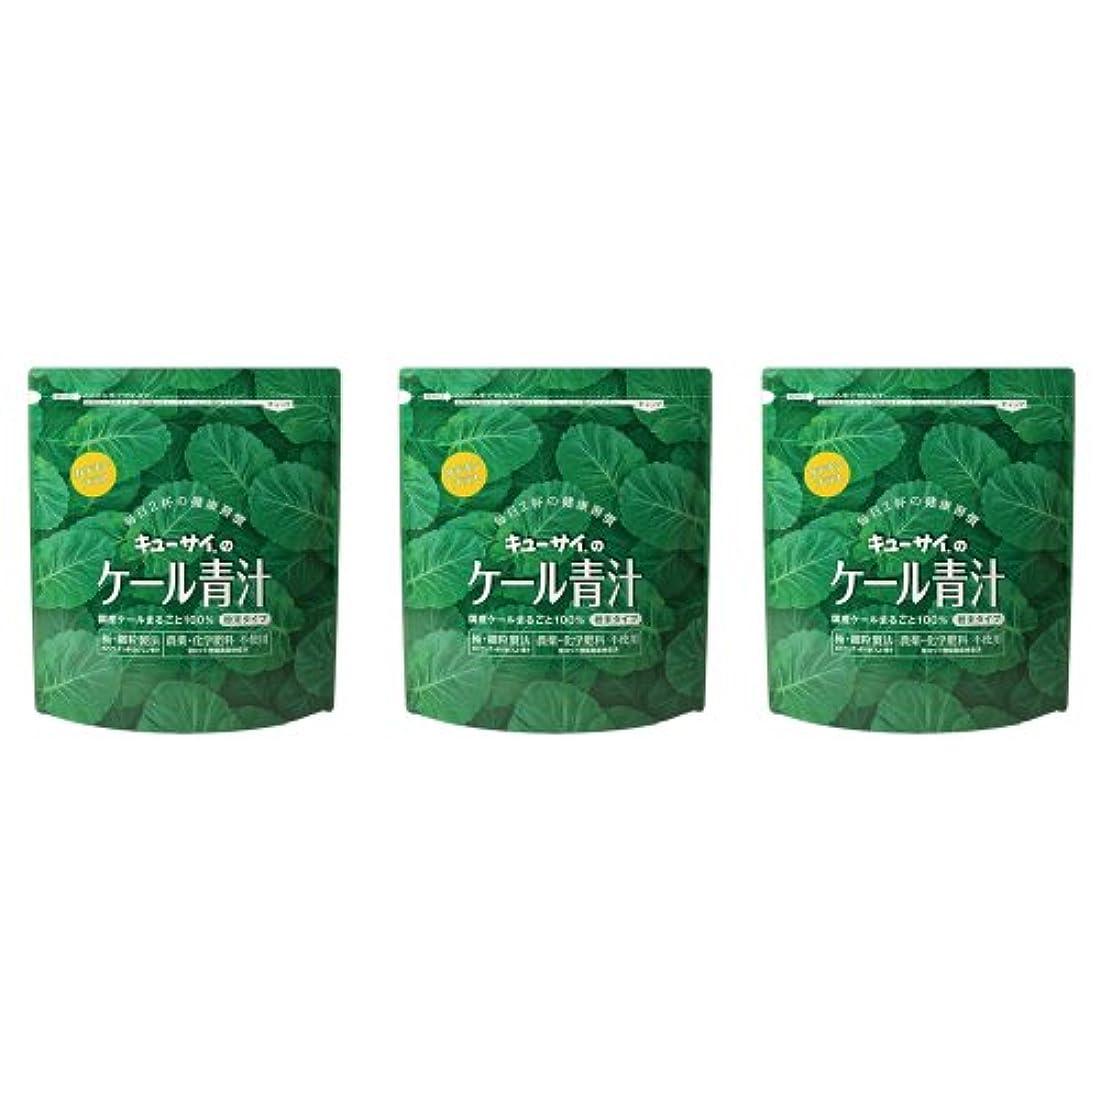 気まぐれな上閃光キューサイ ケール青汁(粉末タイプ)カテキンプラス 420g 3袋